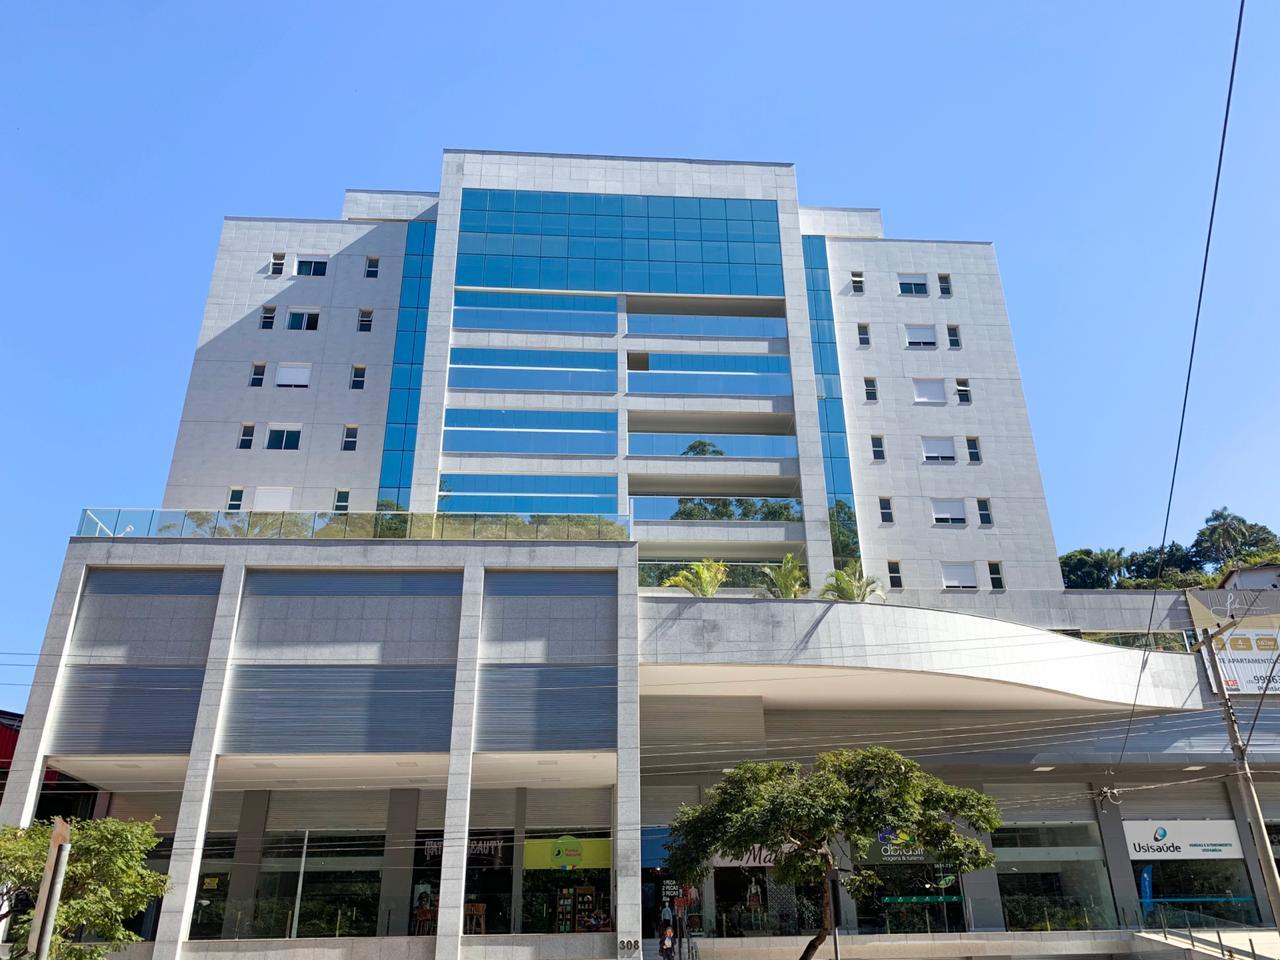 Apartamentos em Itabira: saiba tudo do Job Residencial.